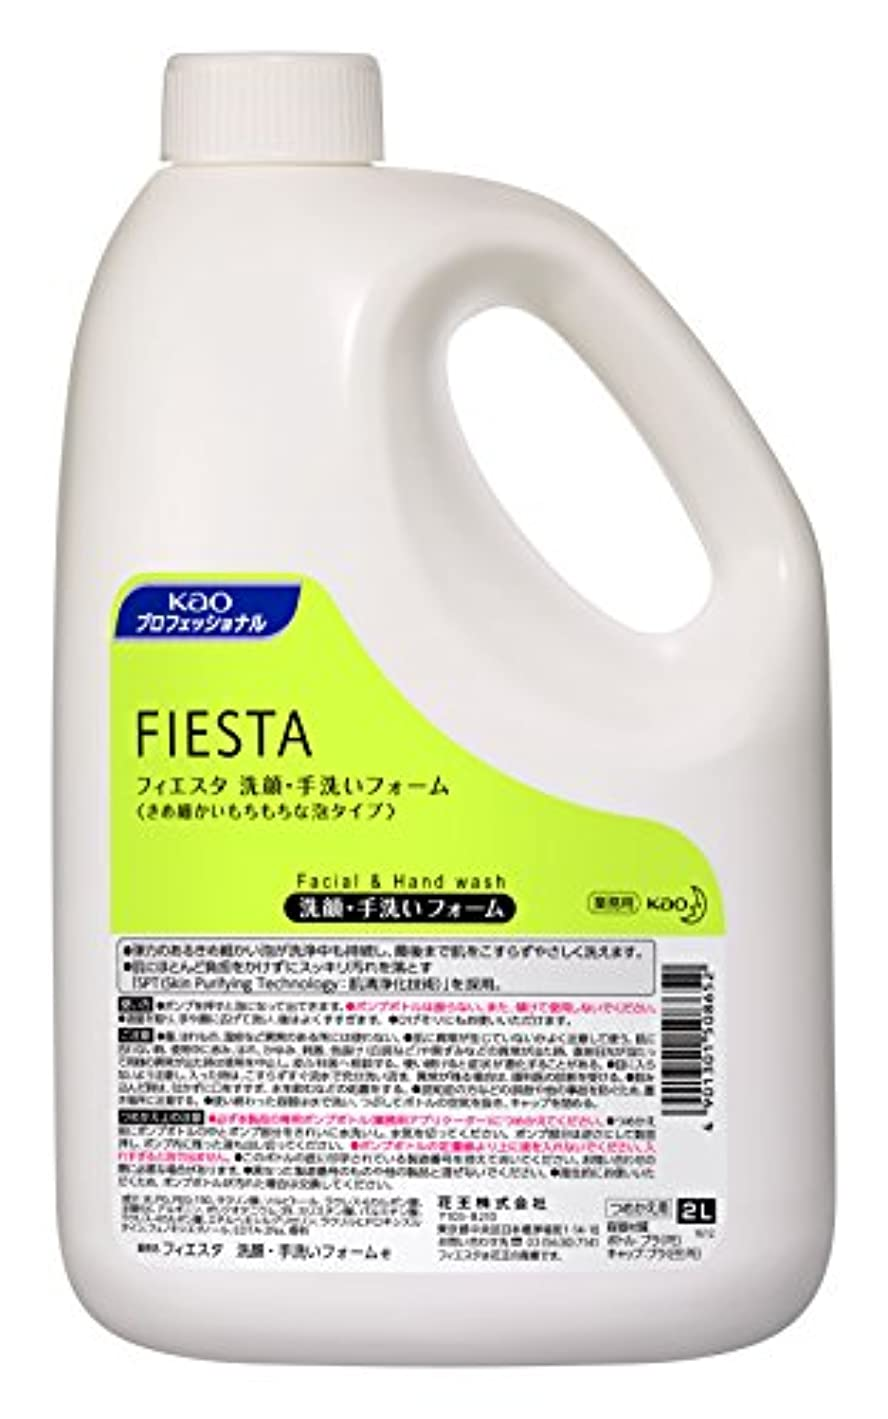 アーティファクト敷居敬な【業務用】フィエスタ 洗顔?手洗いフォーム 2L×3本